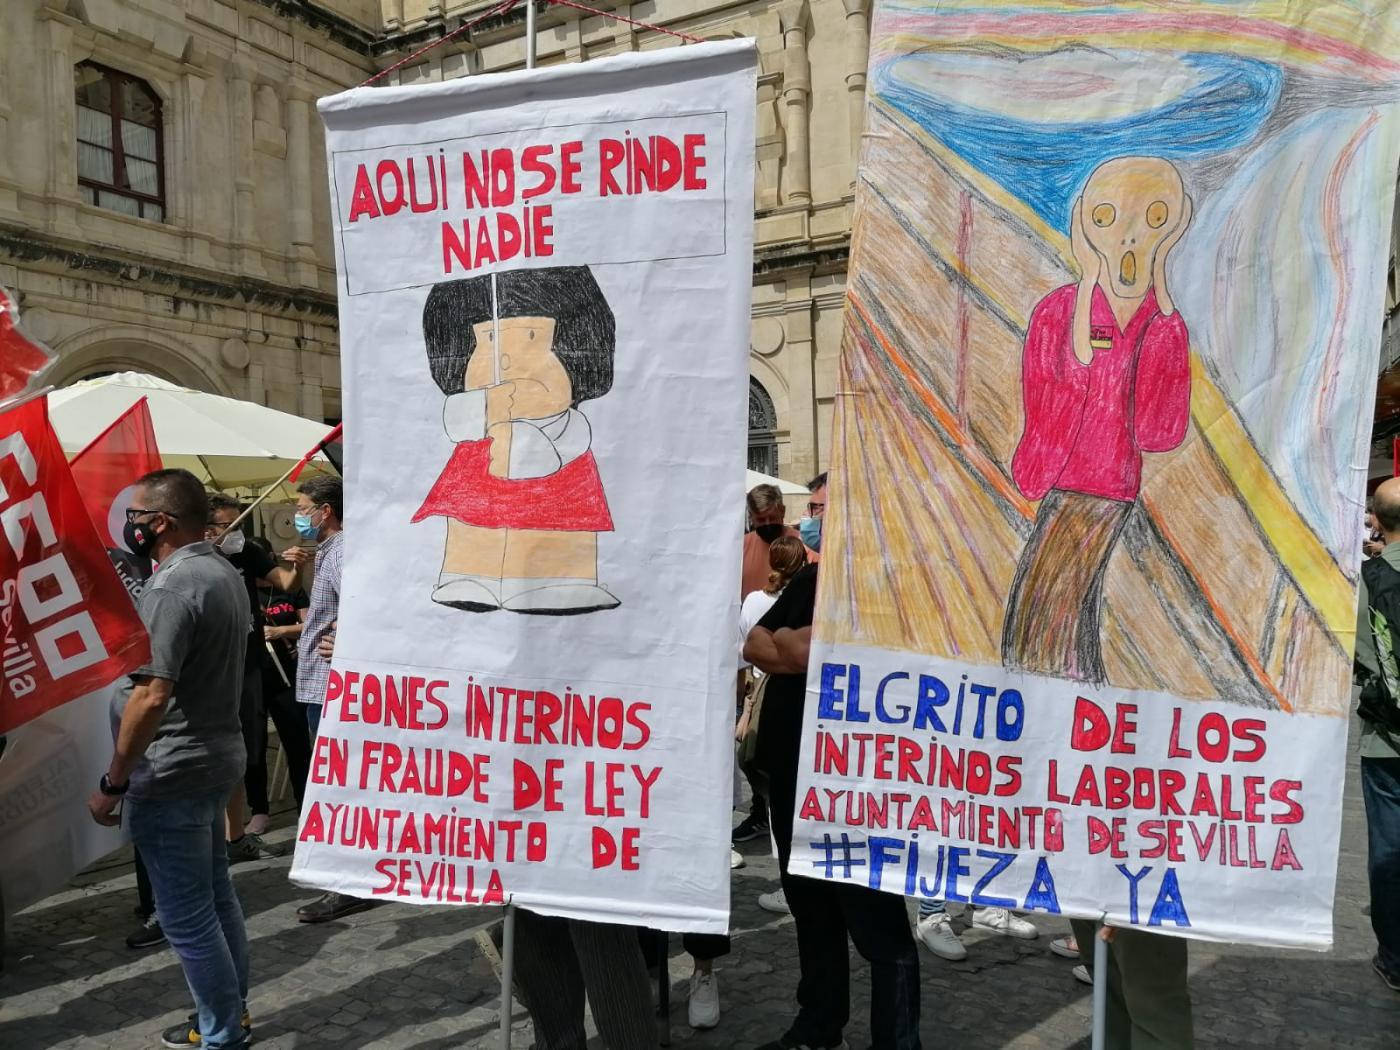 Protesta de empleados públicos en abuso de temporalidad en Sevilla.